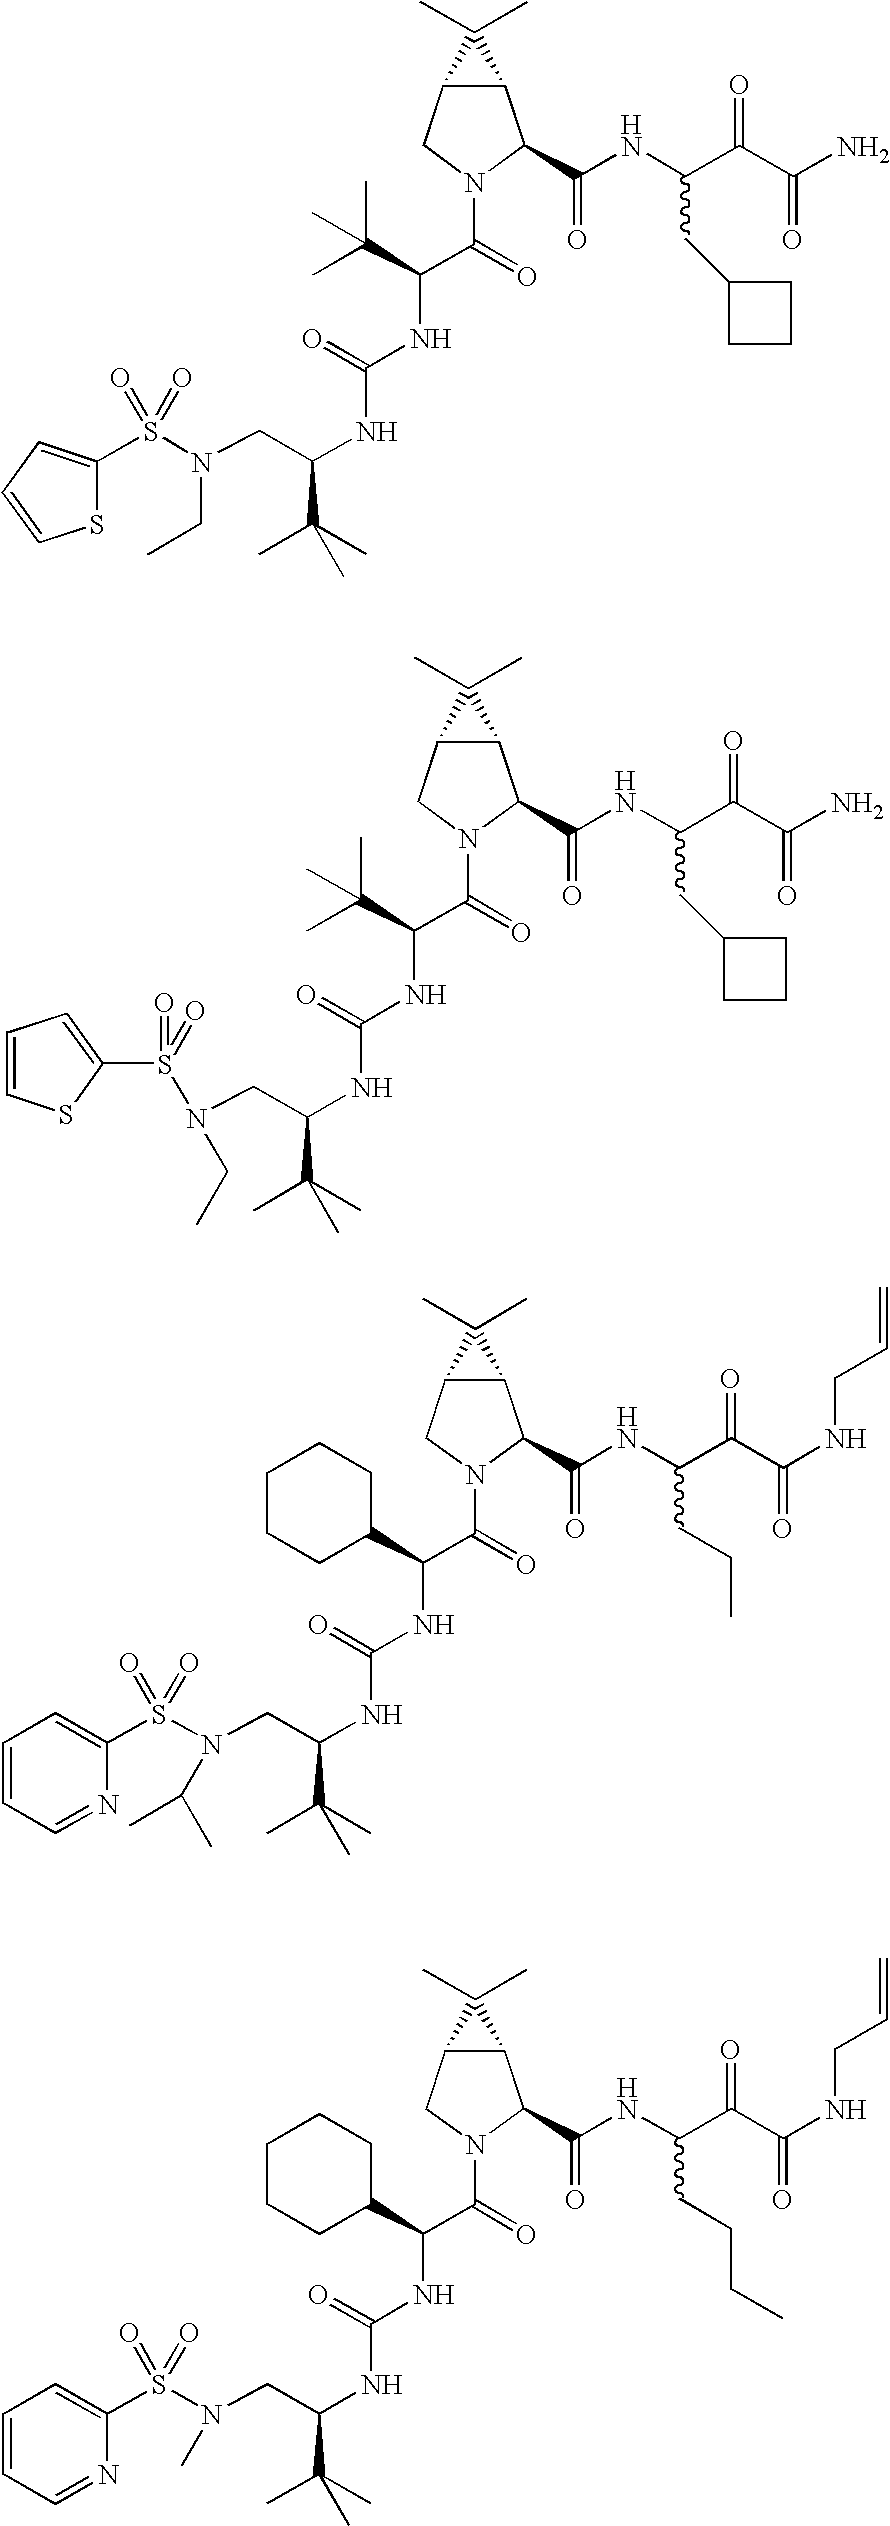 Figure US20060287248A1-20061221-C00349